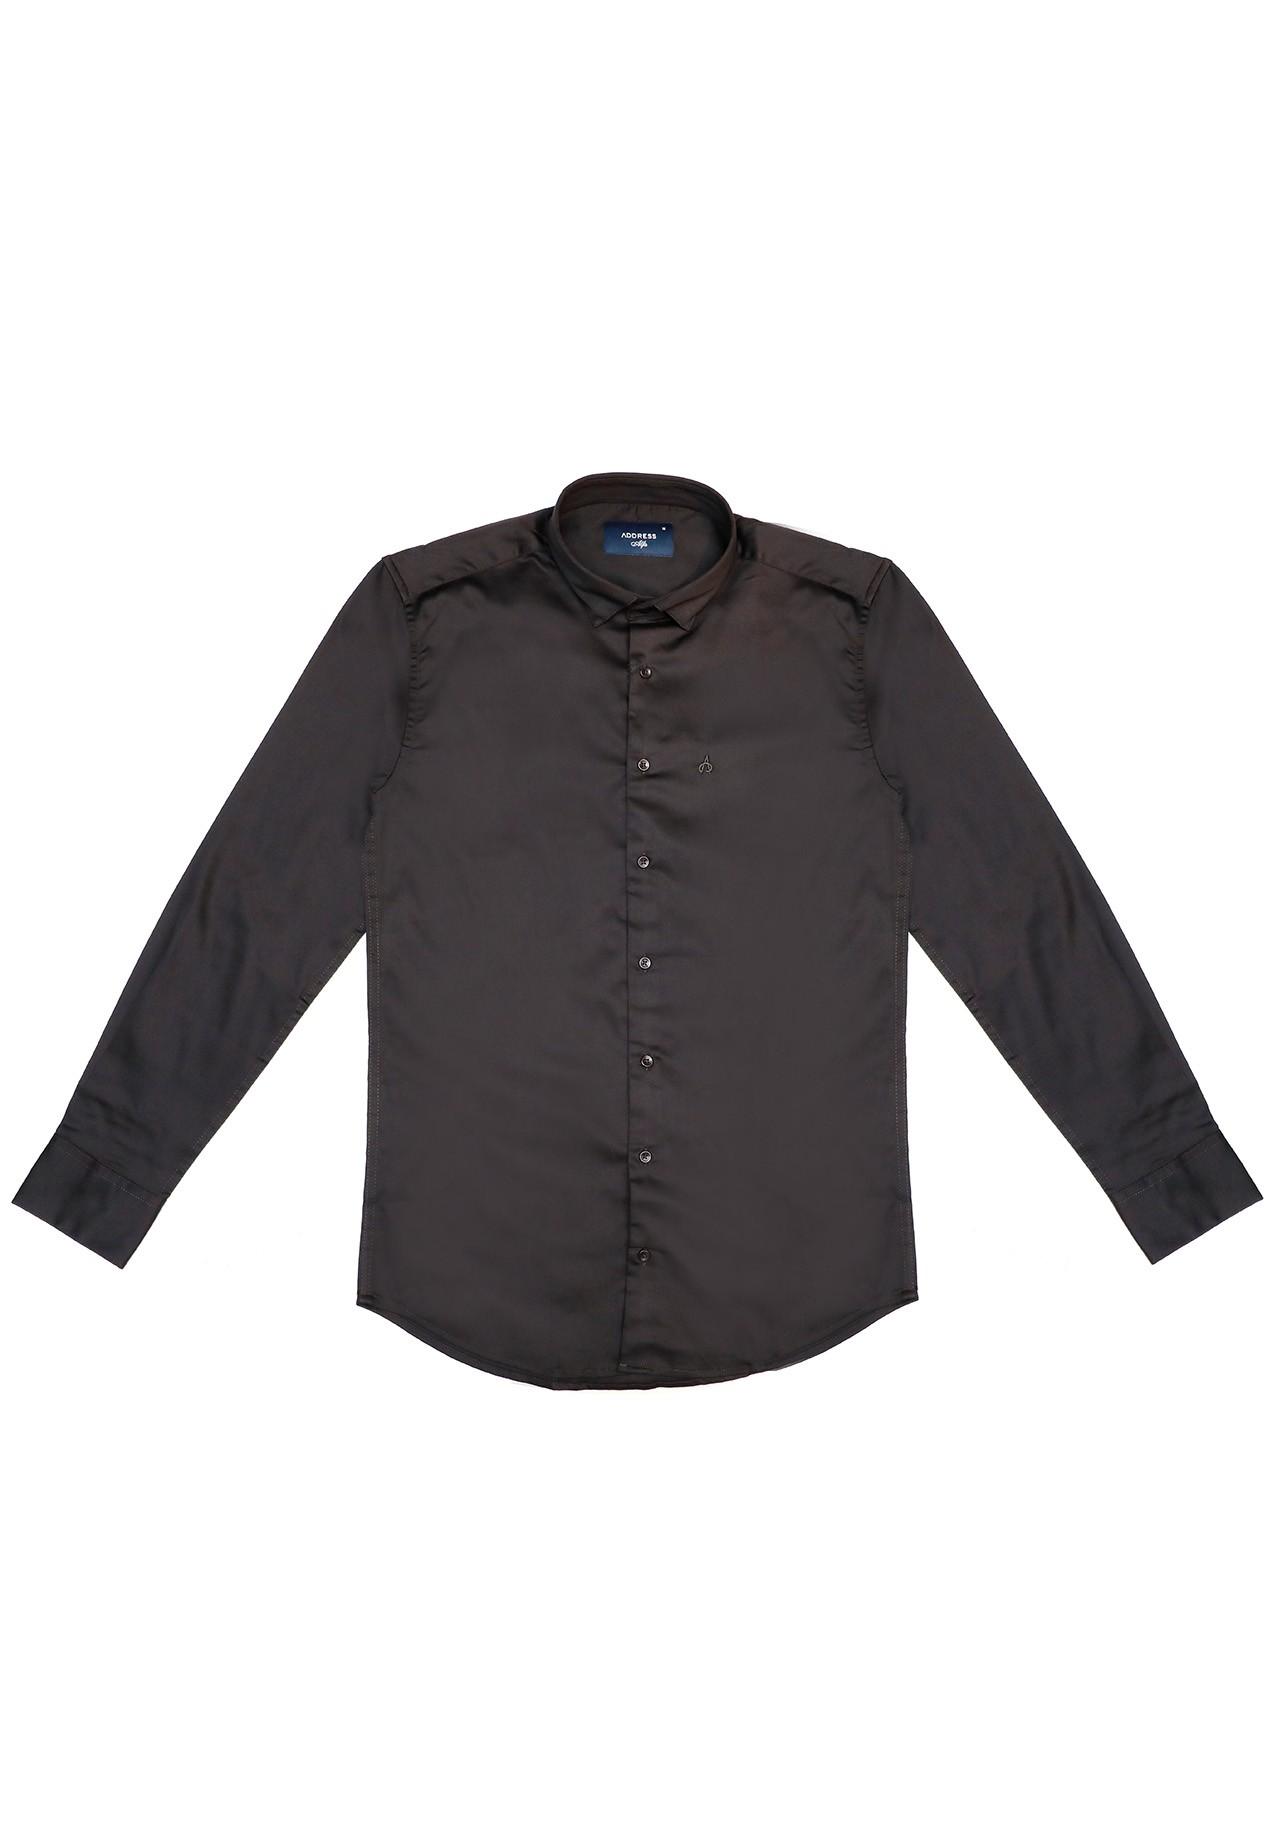 Address Formals Shirt Black, Medium